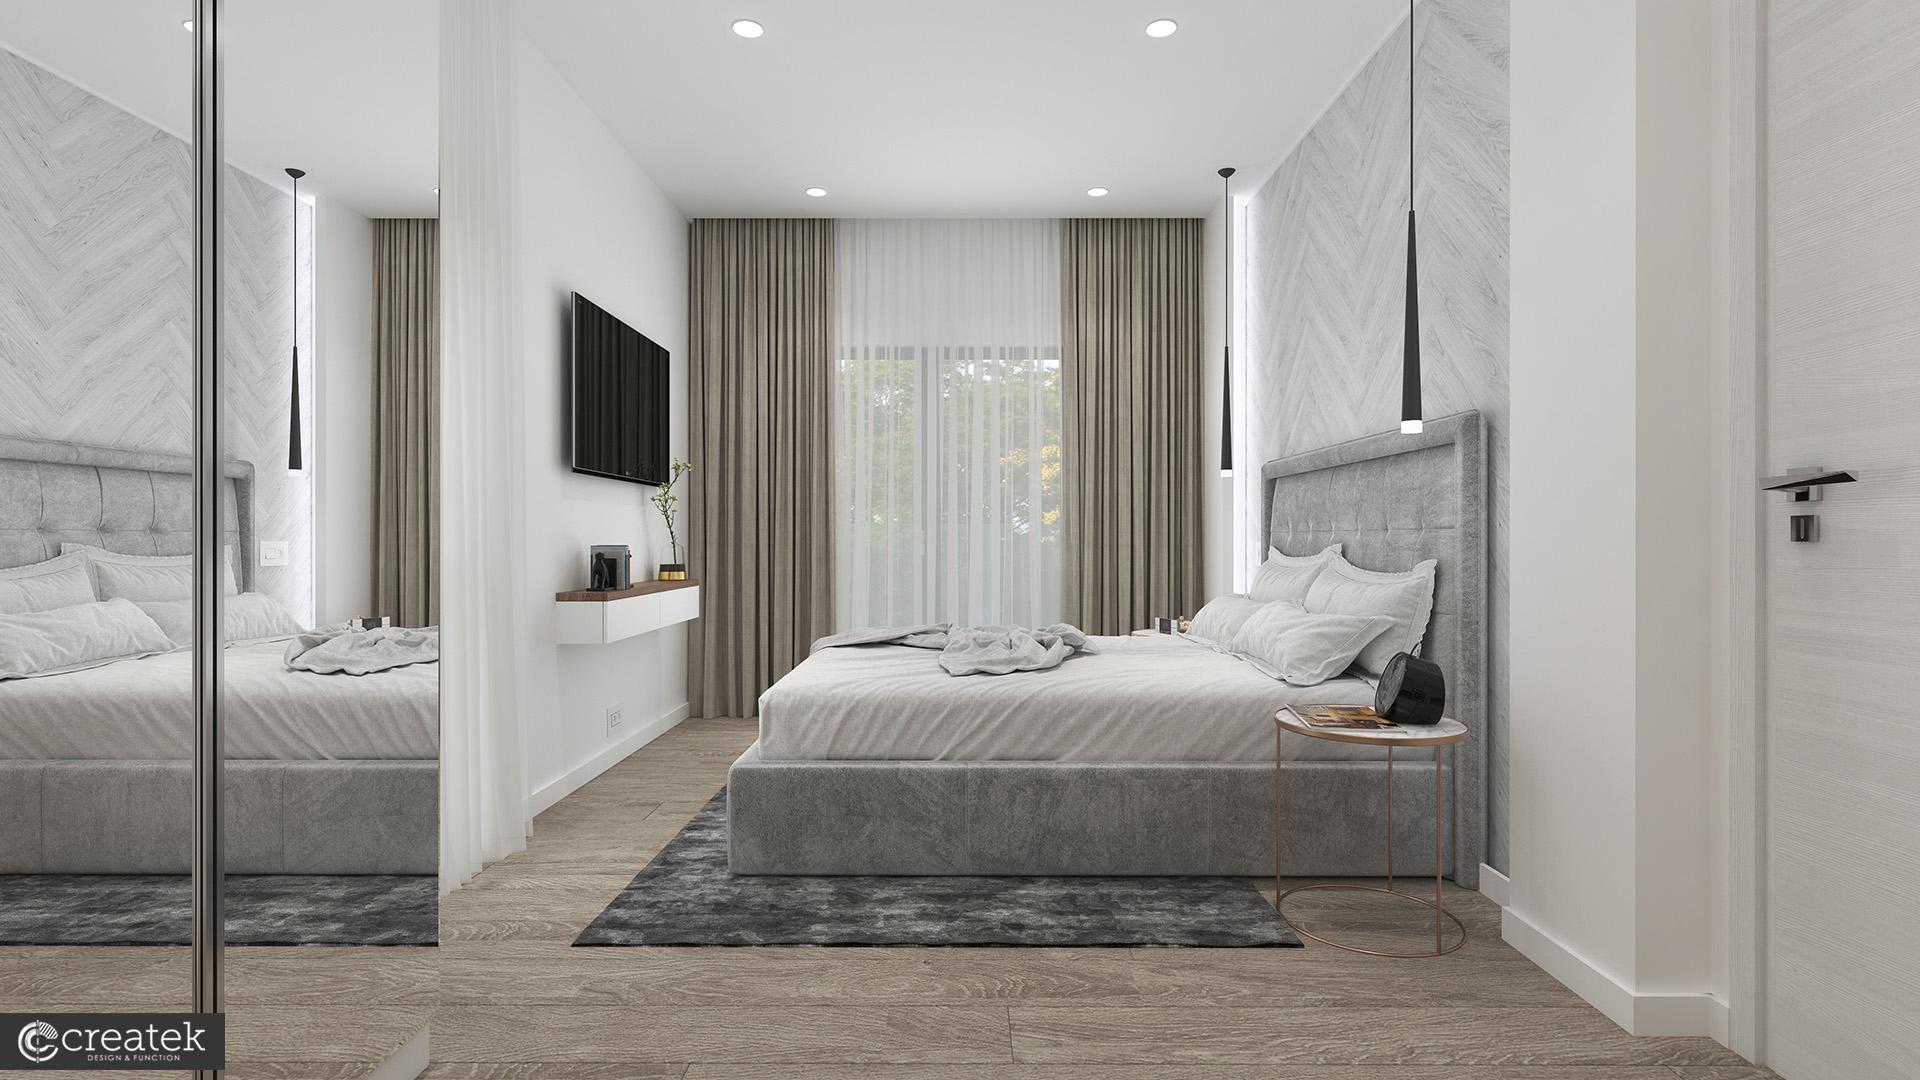 025-Dormitor-Matrimonial-Design-Interior-Casa-Ovidiu-Lac